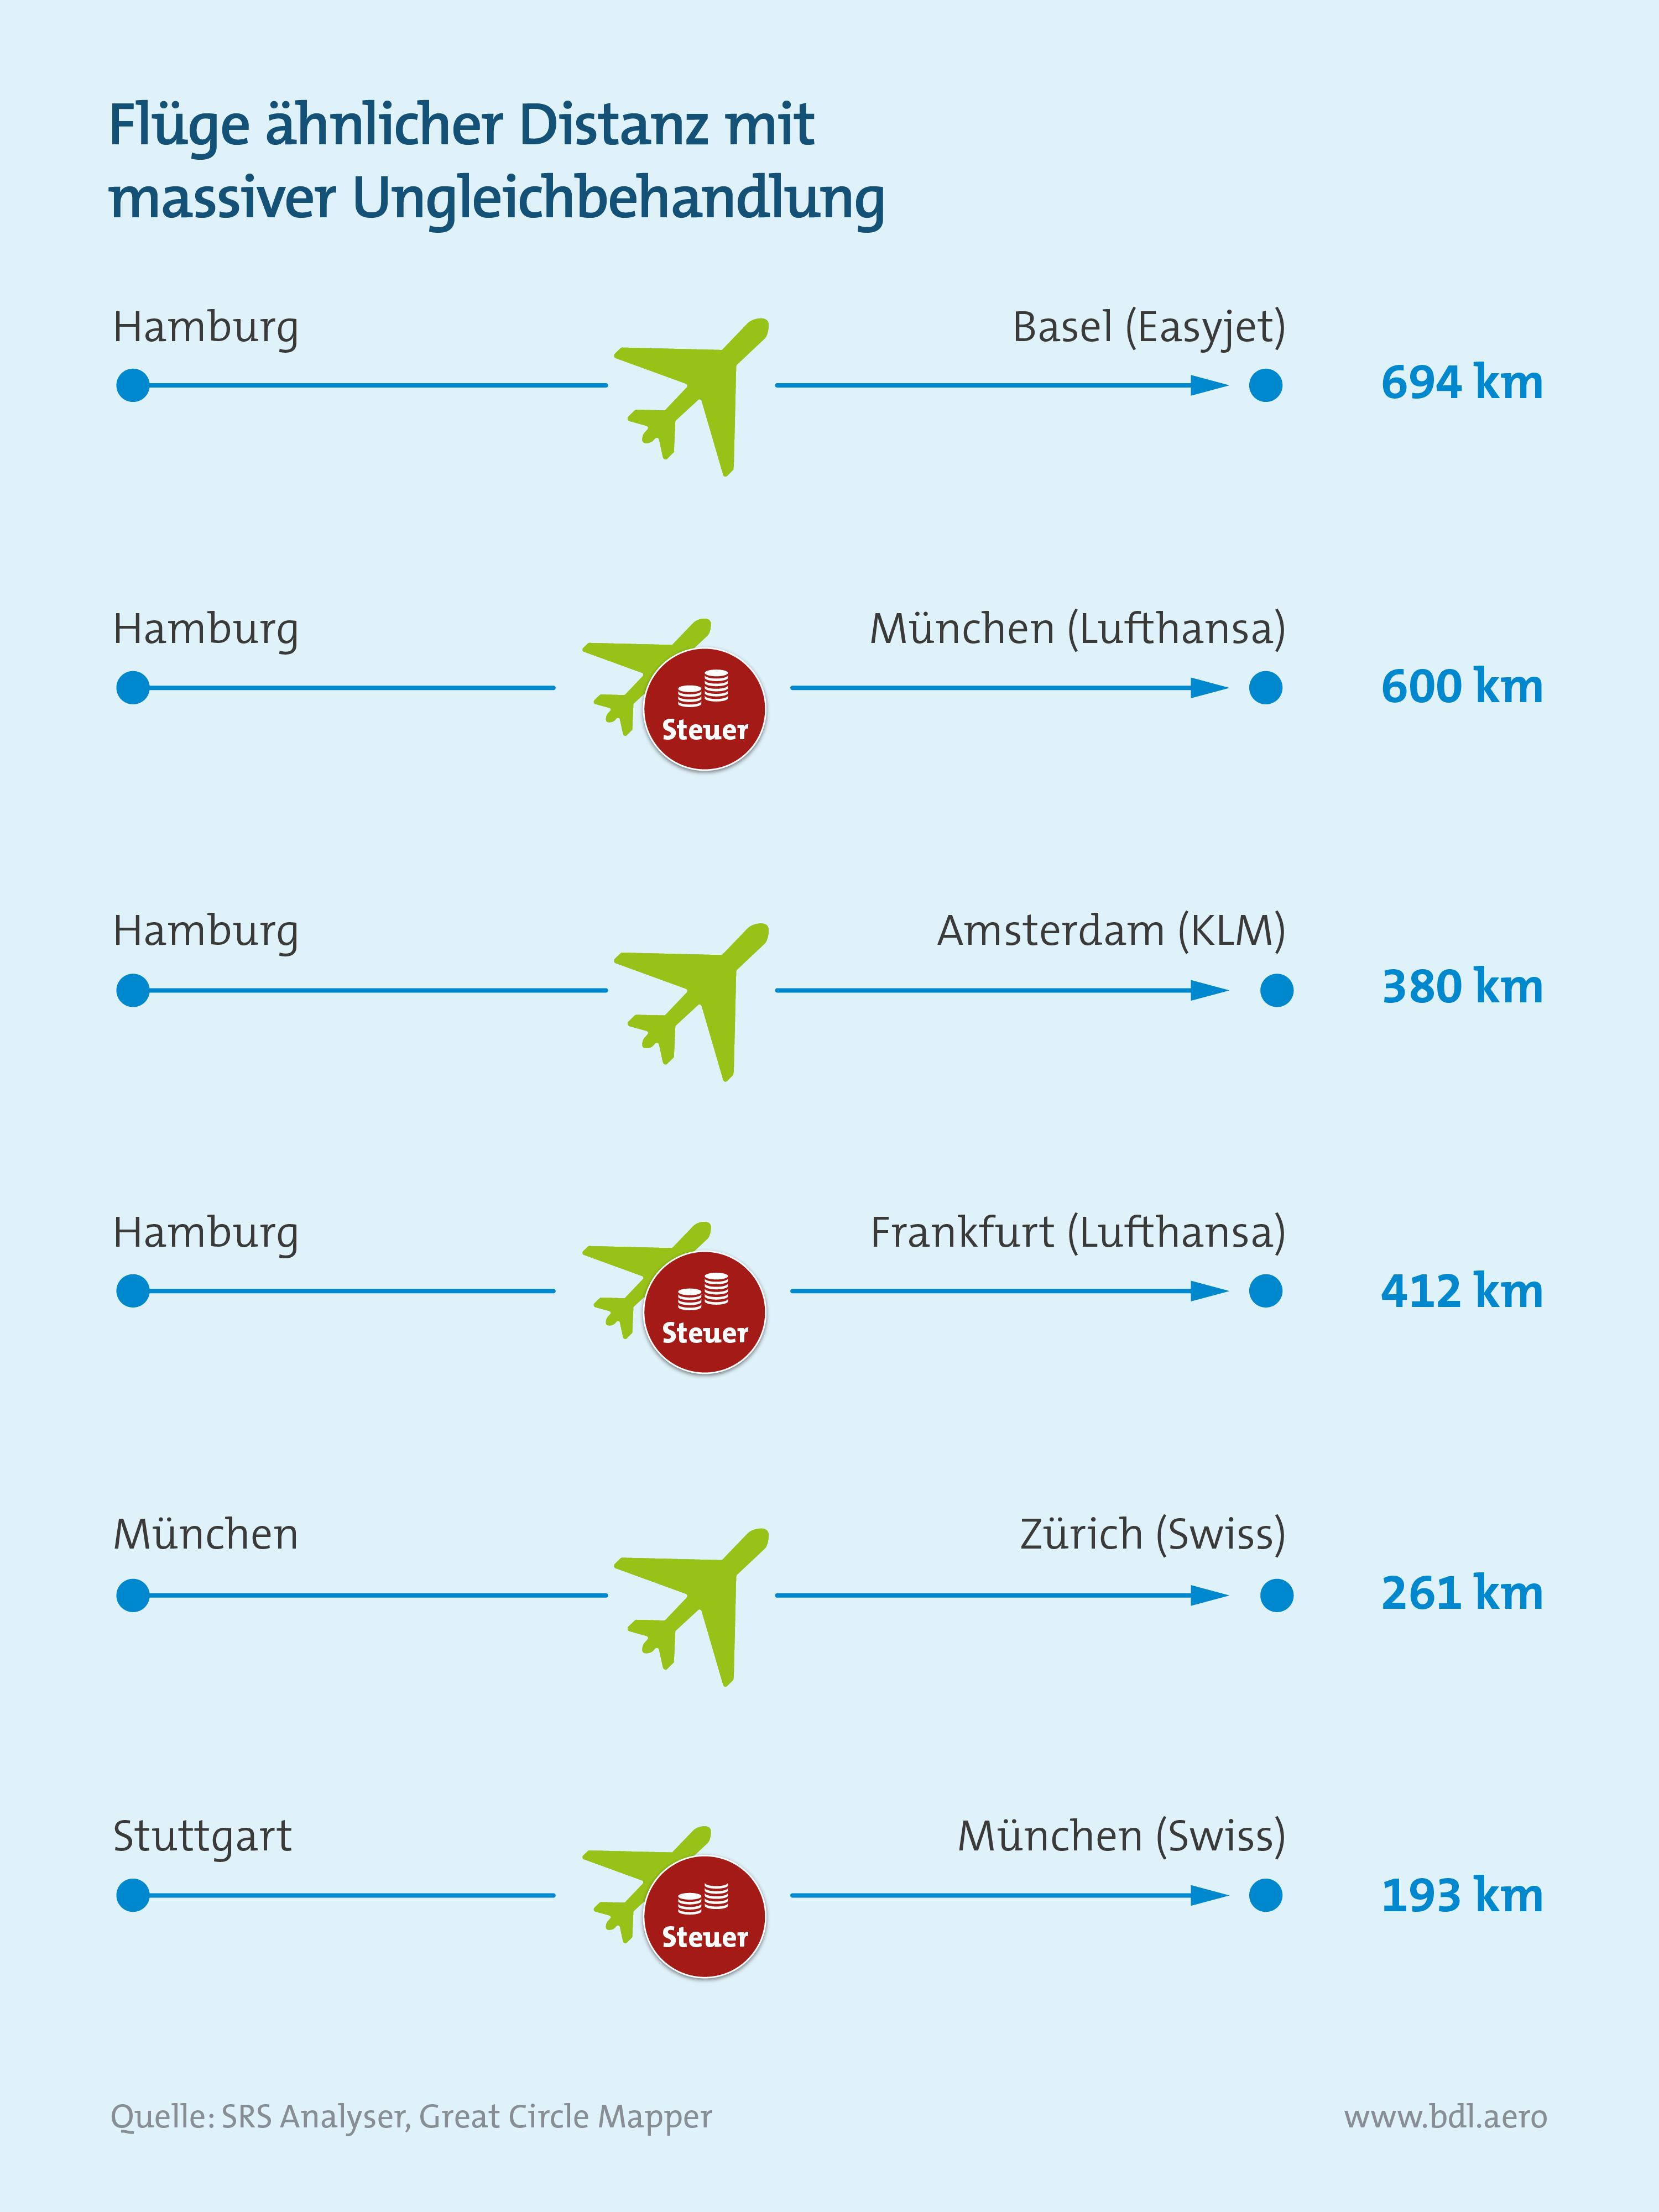 Klimaschutzinstrumente im Luftverkehr: Kerosinsteuer würde zur großen Ungleichbehandlung führen